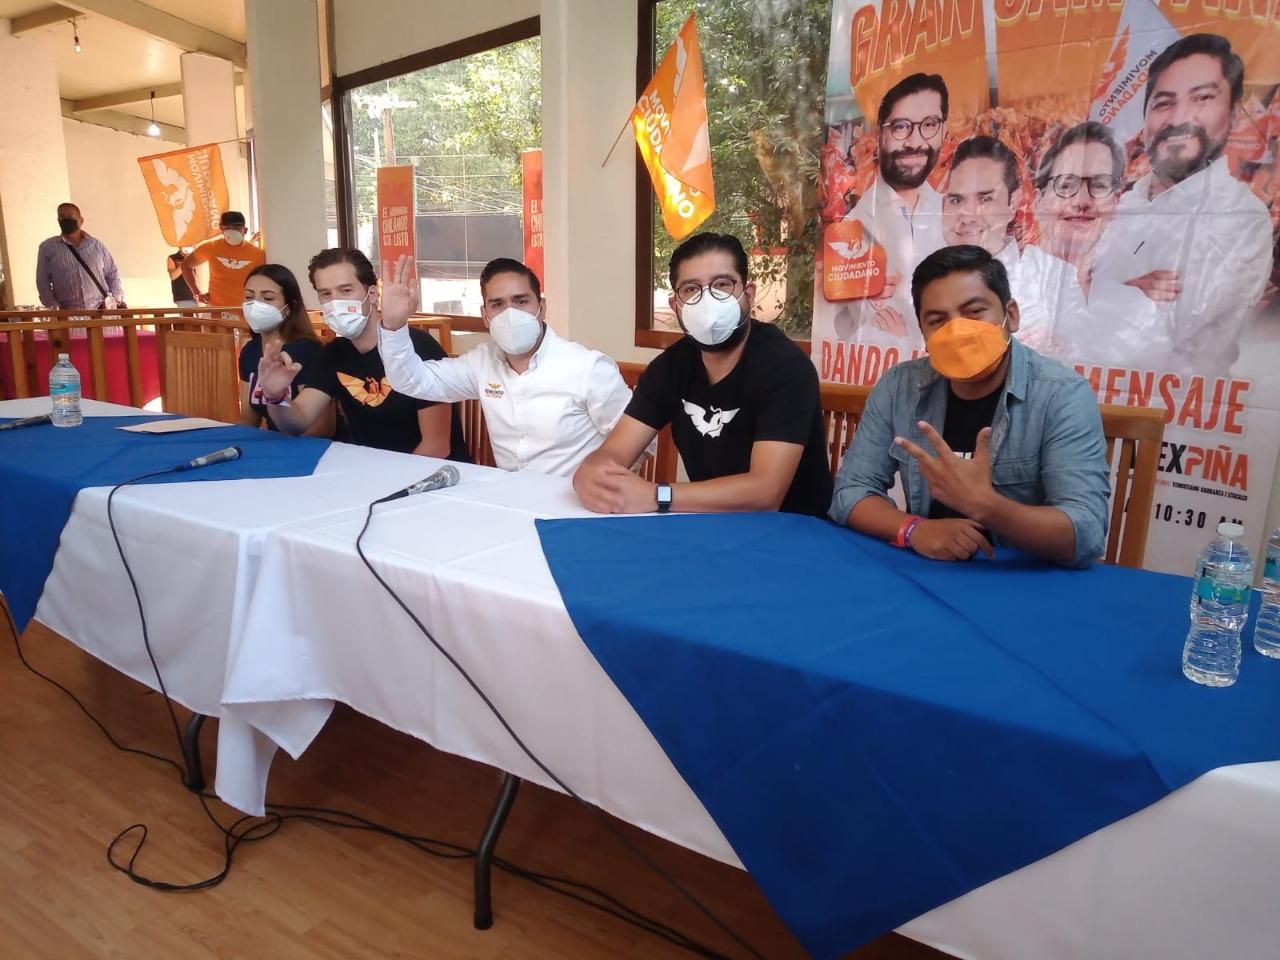 Se suman militantes panistas al Movimiento Chilango en Cuajimalpa y Álvaro Obregón